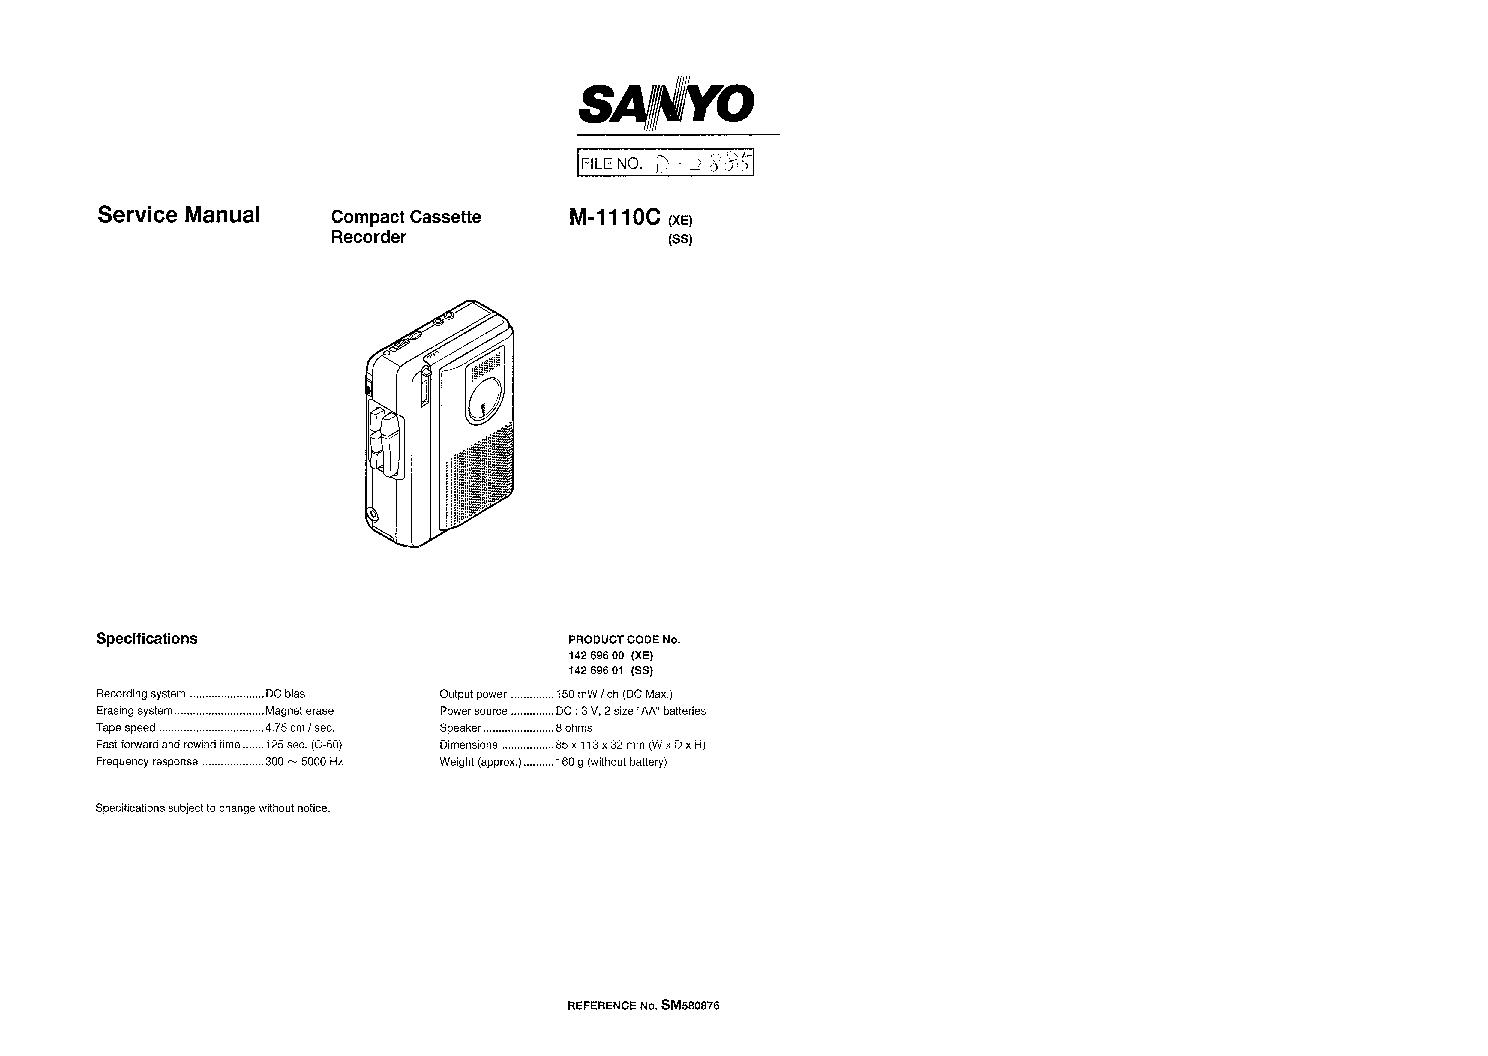 Sanyo 6sc 10 Sch Service Manual Download Schematics